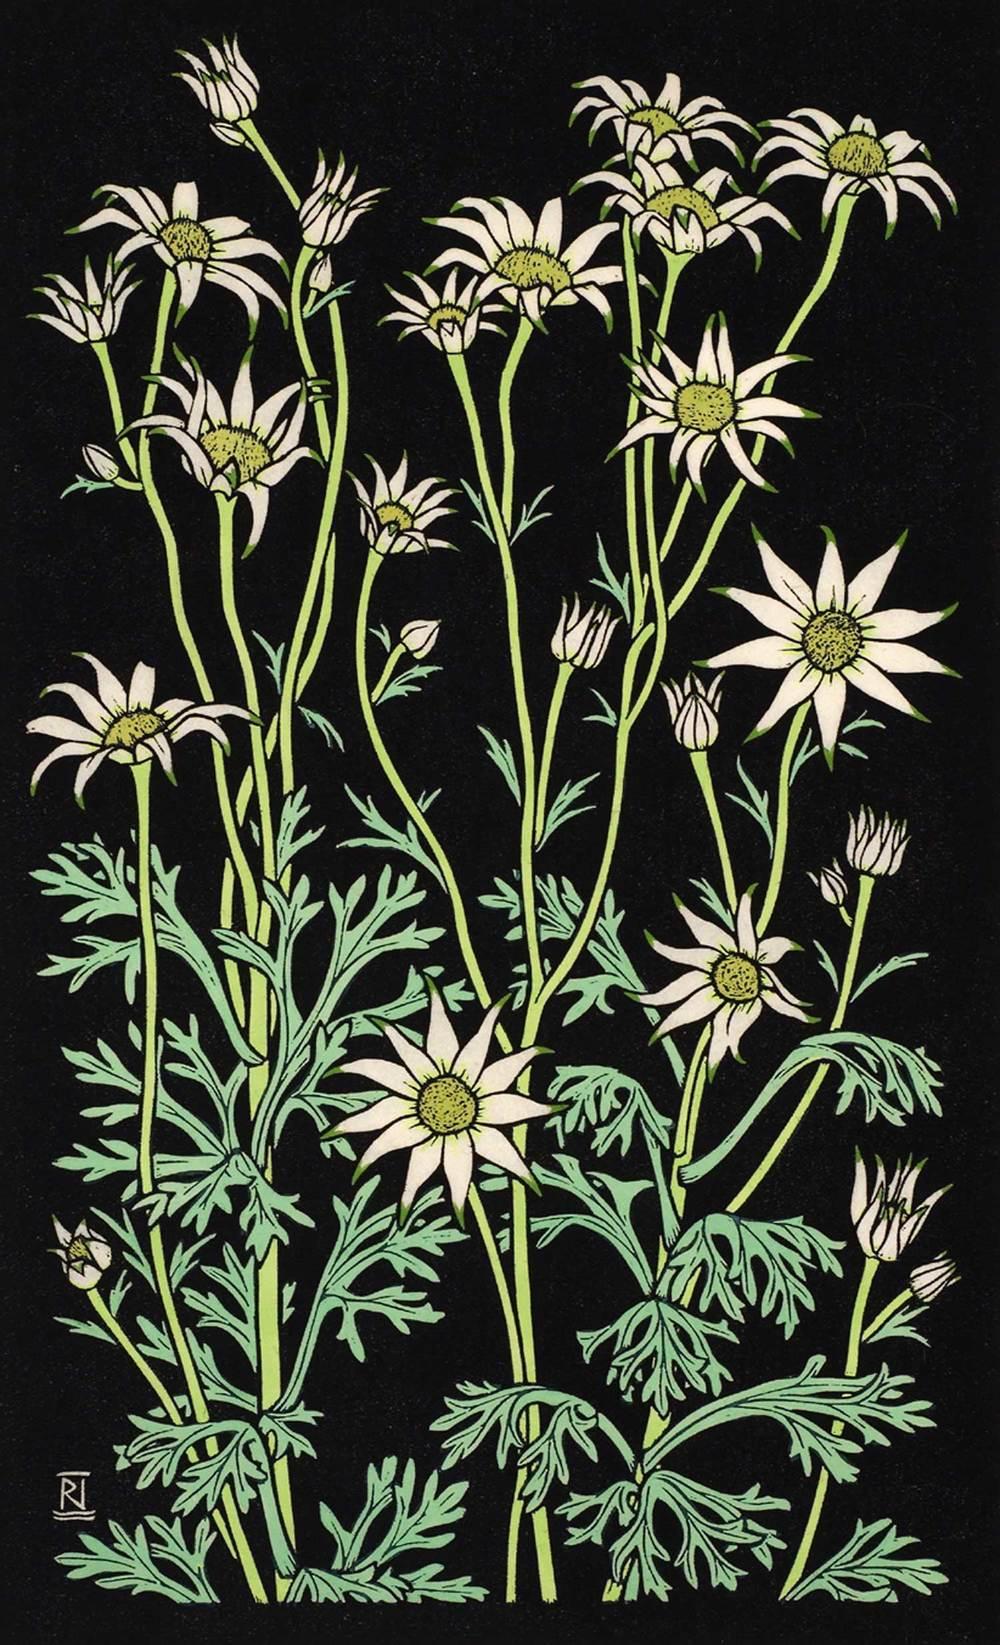 flannel-flower-3-linocut-rachel-newling.jpg